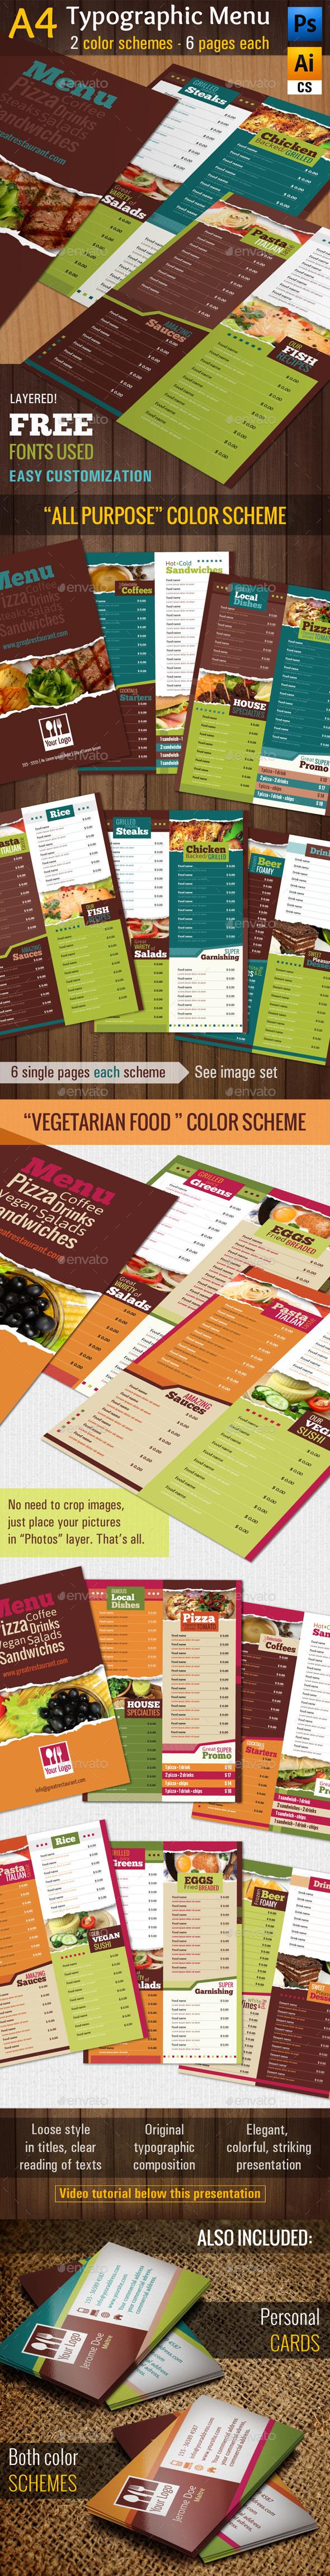 A4 Typographic Menu | All Purpose & Vegan Food - Food Menus Print Templates